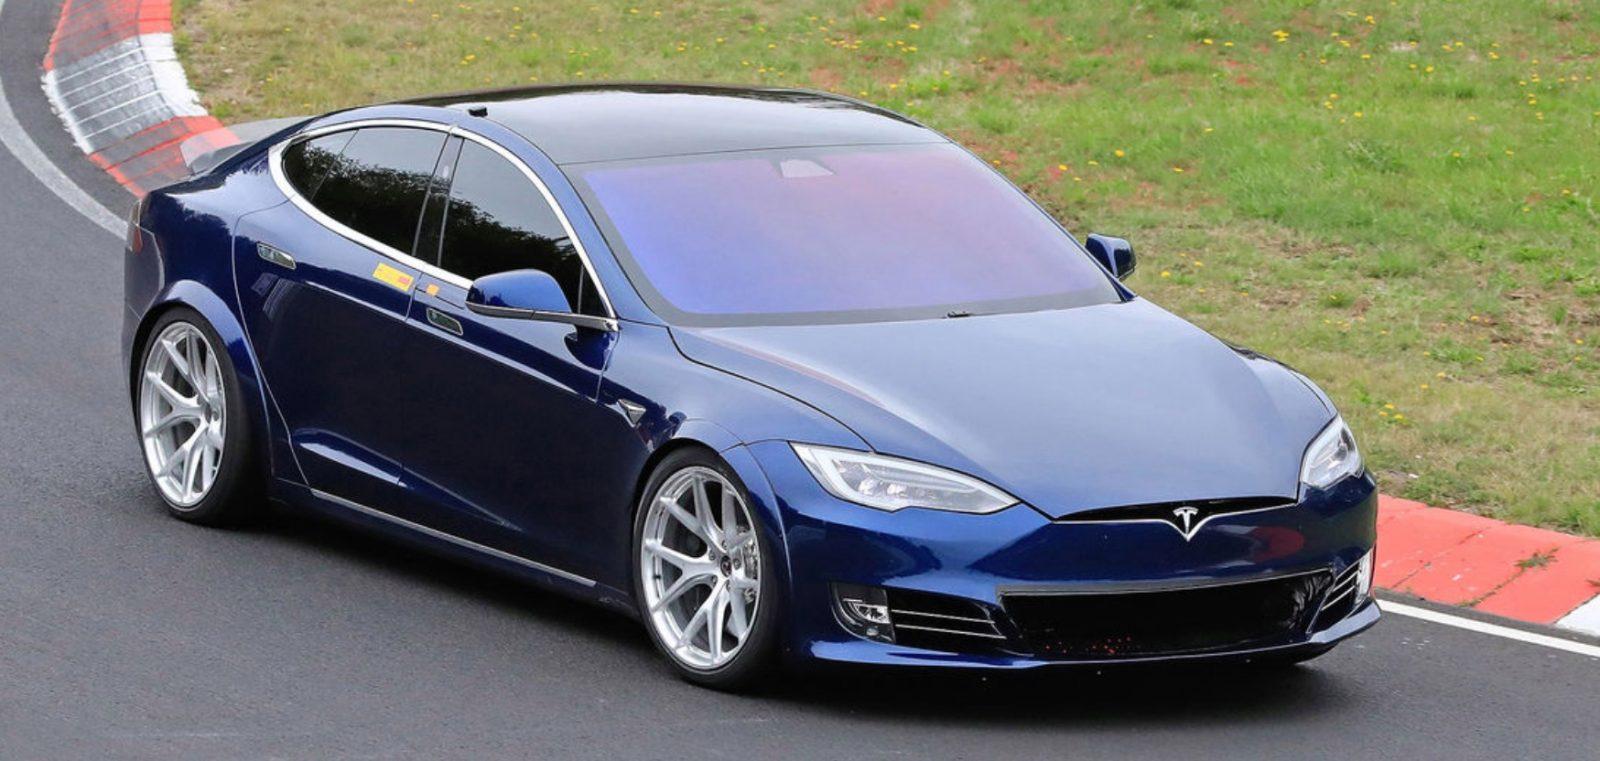 Tesla Model S Plaid имеет самый большой запас хода среди всех электрокаров мира